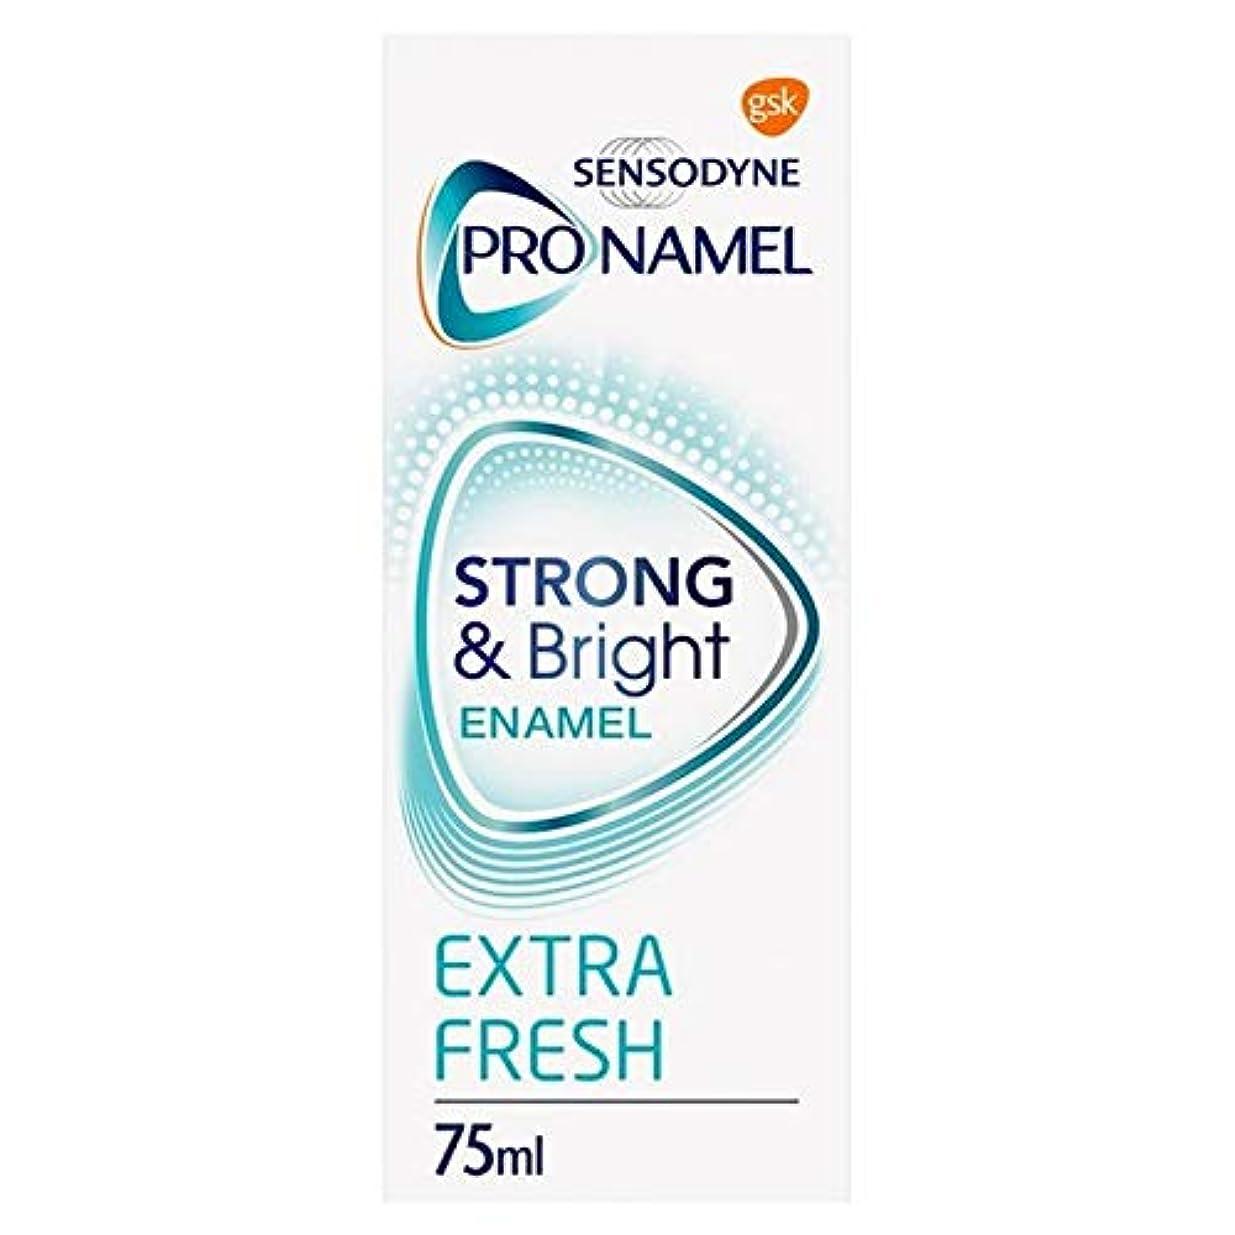 残高化学薬品突撃[Sensodyne] SensodyneのPronamel強い&ブライト歯磨き粉75ミリリットル - Sensodyne Pronamel Strong & Bright Toothpaste 75ml [並行輸入品]